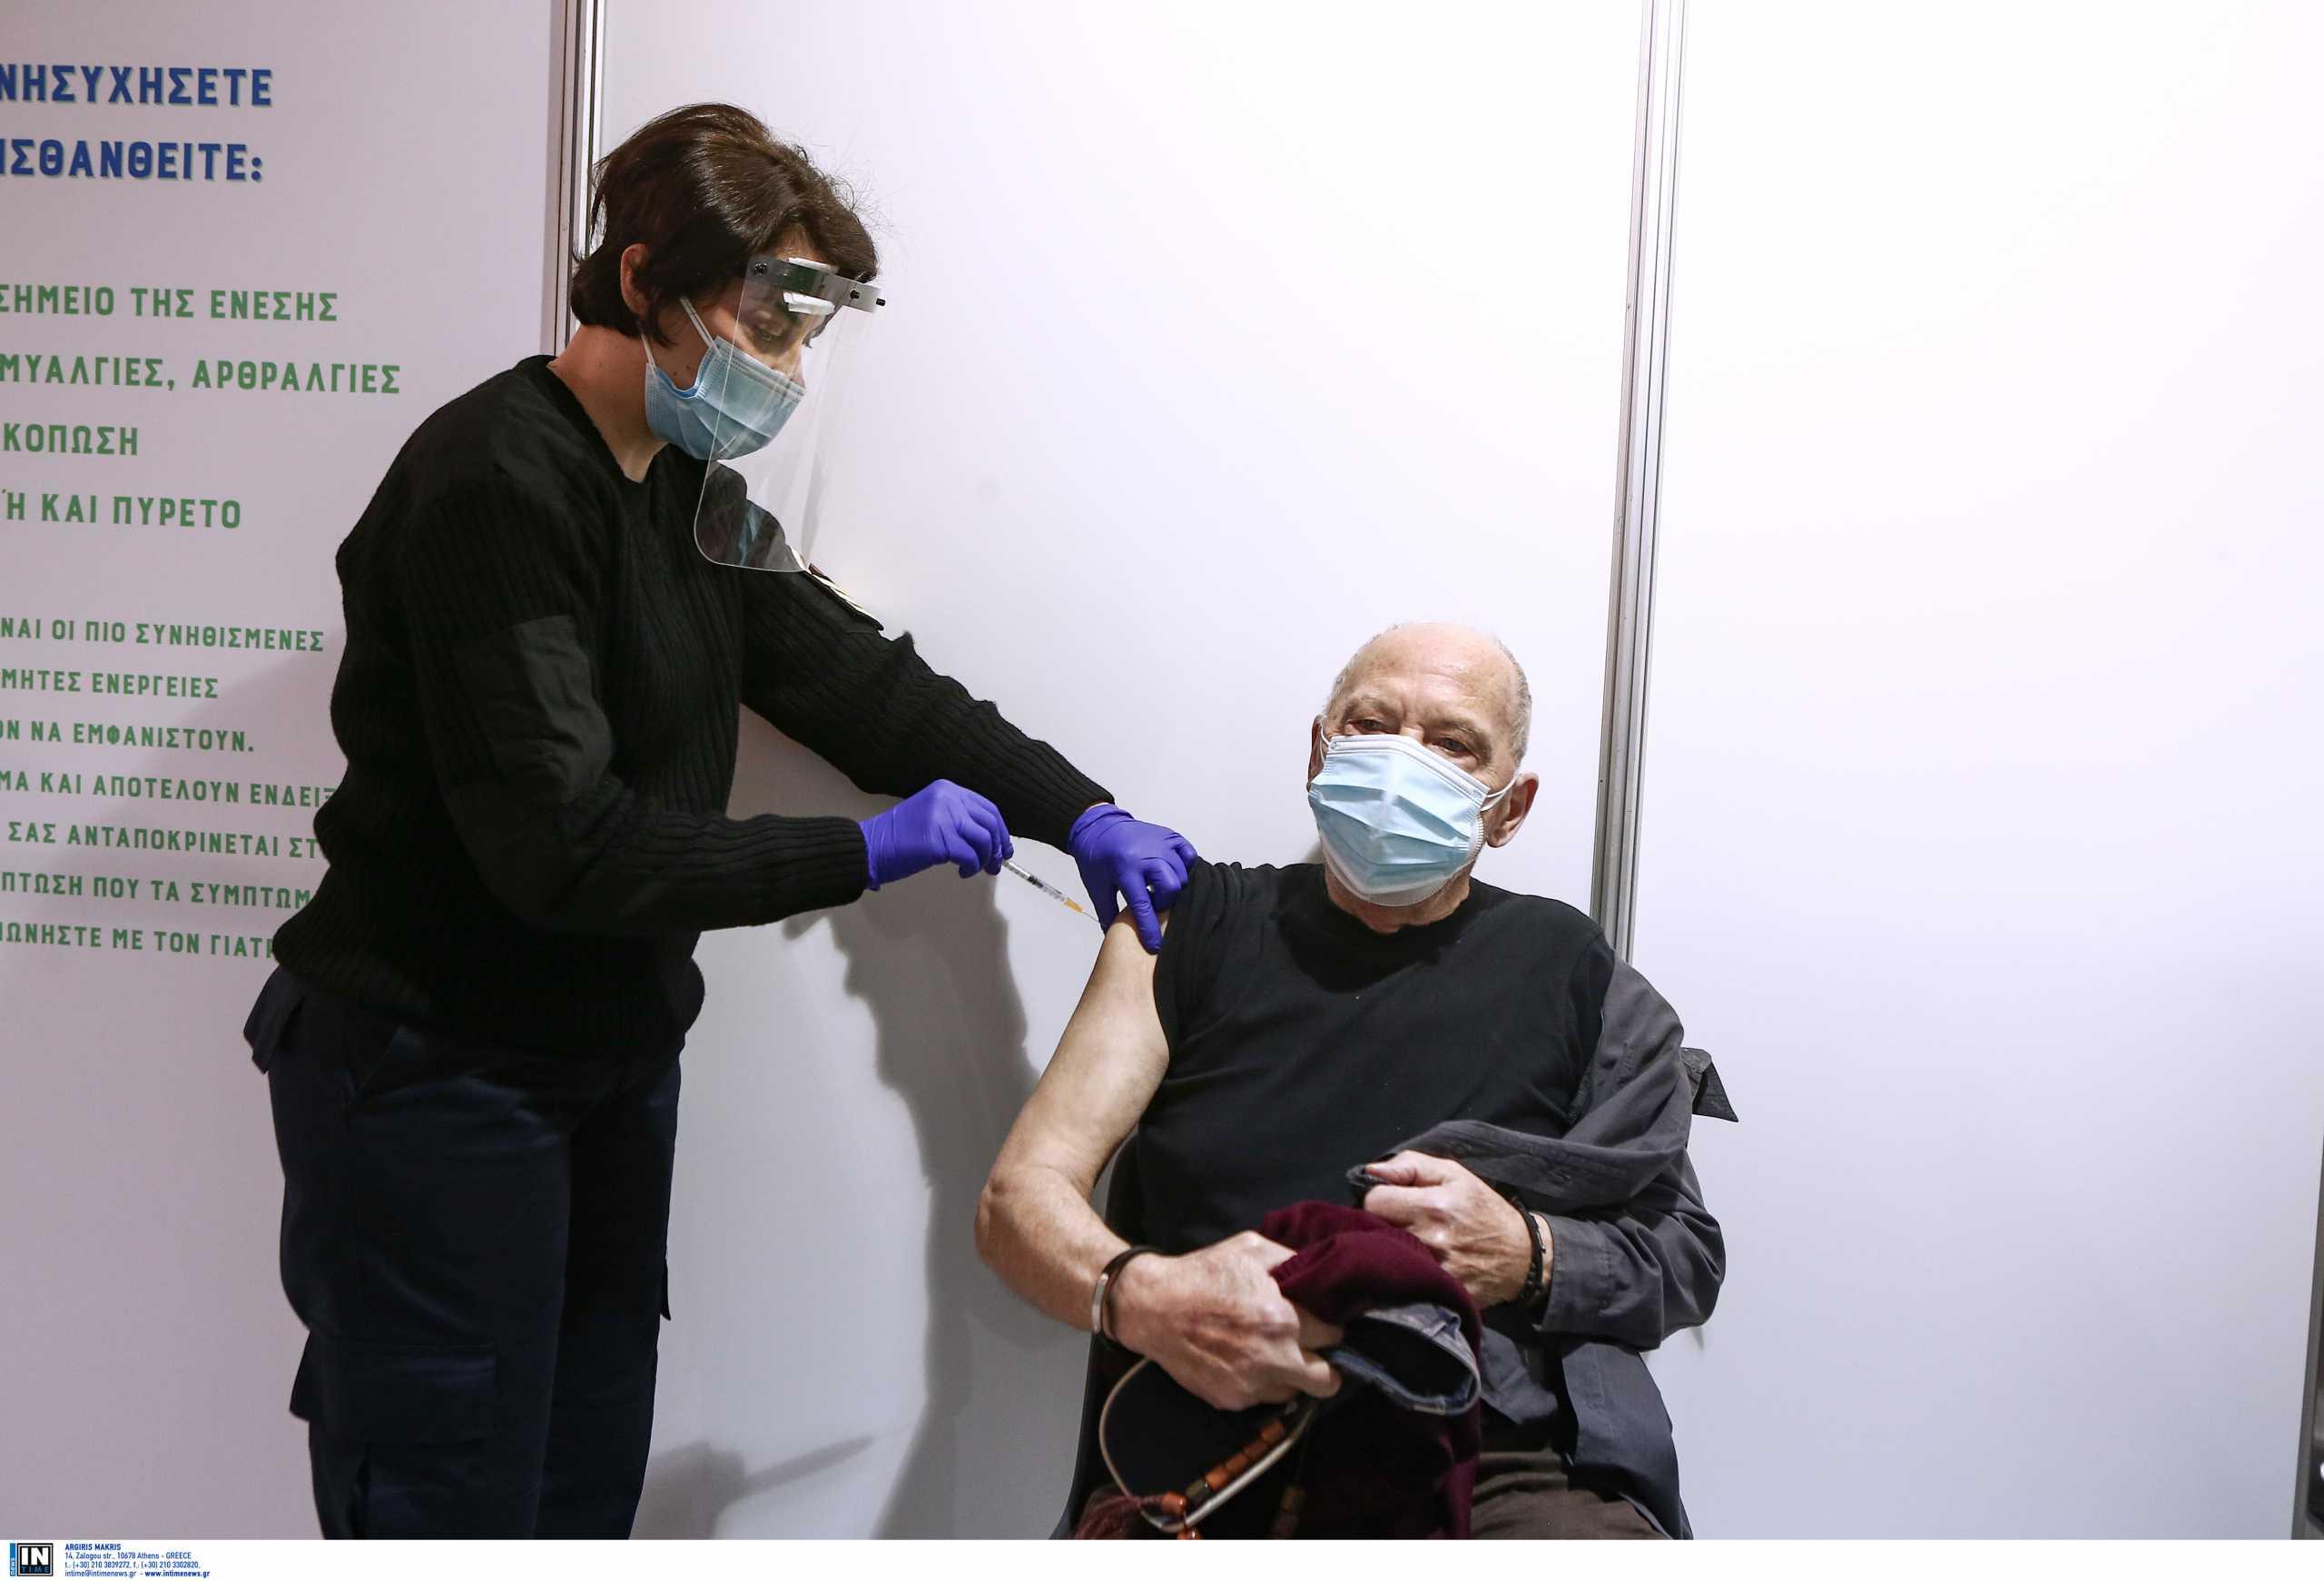 Εμβόλιο: Ανοίγει σήμερα η πλατφόρμα για όσους έχουν υποκείμενα νοσήματα αυξημένου κινδύνου